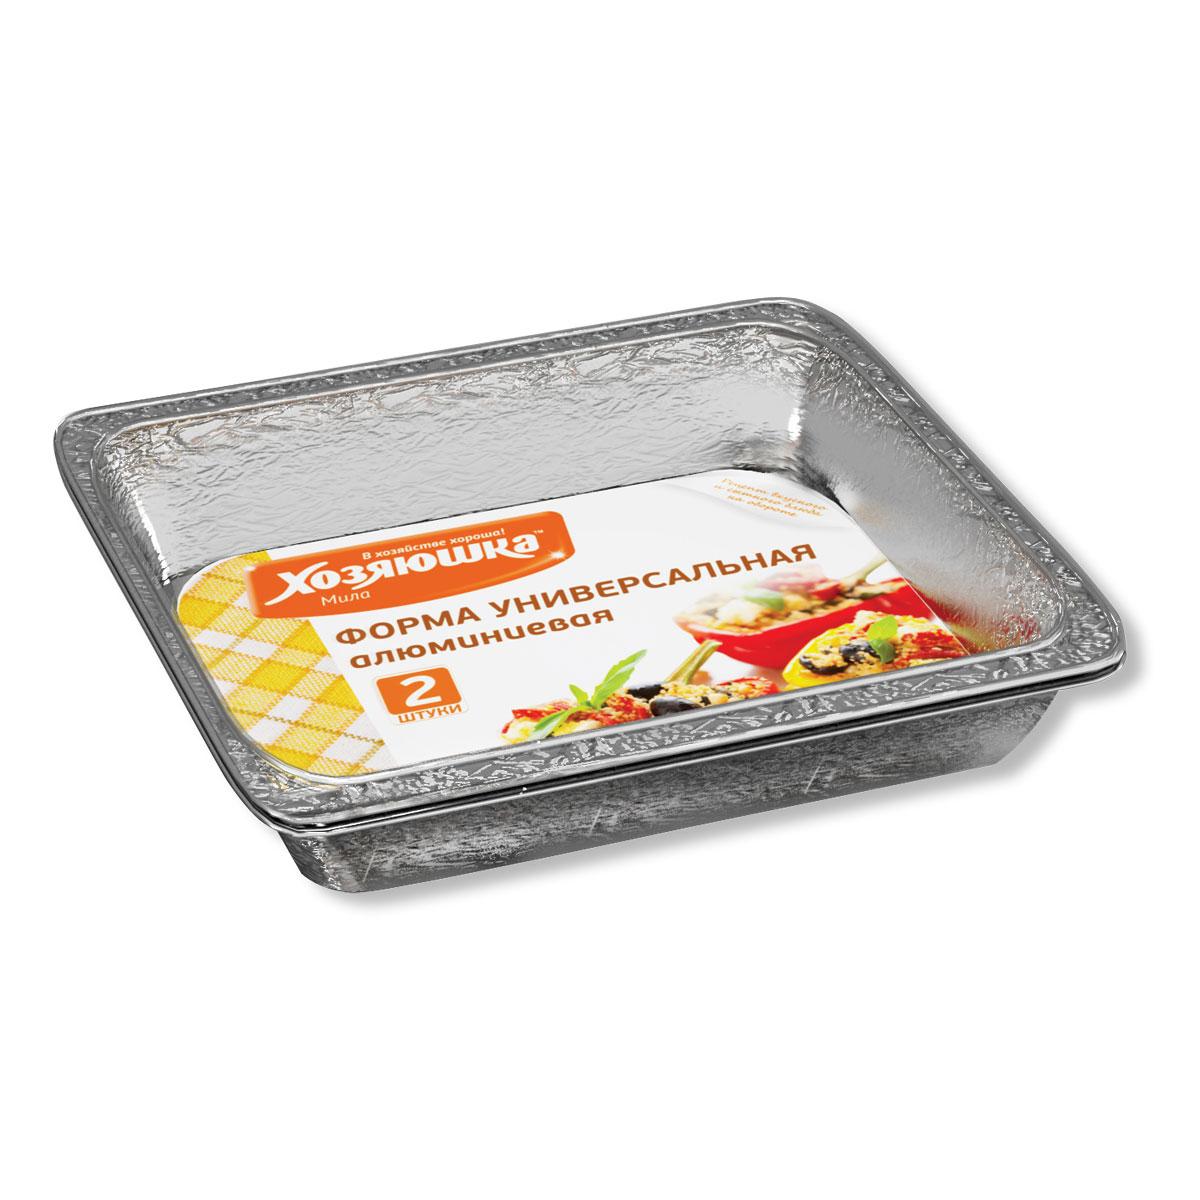 Форма универсальная Хозяюшка Мила, алюминиевая, 32,5 х 25,7 х 4,5 см, 2 шт09026Универсальная одноразовая алюминиевая форма Хозяюшка Мила предназначена для приготовления, разогрева, хранения, замораживания и транспортировки продуктов питания (для удобства можно накрыть форму листом пищевой фольги). Формы из алюминия идеальны для выпечки, в них удобно готовить рыбу и мясо, рулеты и запеканки, овощные блюда. Алюминиевые формы прочные, прекрасно держат форму и при этом очень легкие. Отличаются термостойкостью: выдерживают температуру от -20°С до +250°С. Экологически безопасны. Одноразовые алюминиевые формы не только облегчают процесс приготовления пищи, но и экономят время, которое не нужно тратить на мытье посуды, используемой при приготовлении пищи. Размер формы: 32,5 х 25,7 х 4,5 см. Объем: 2,7 л.